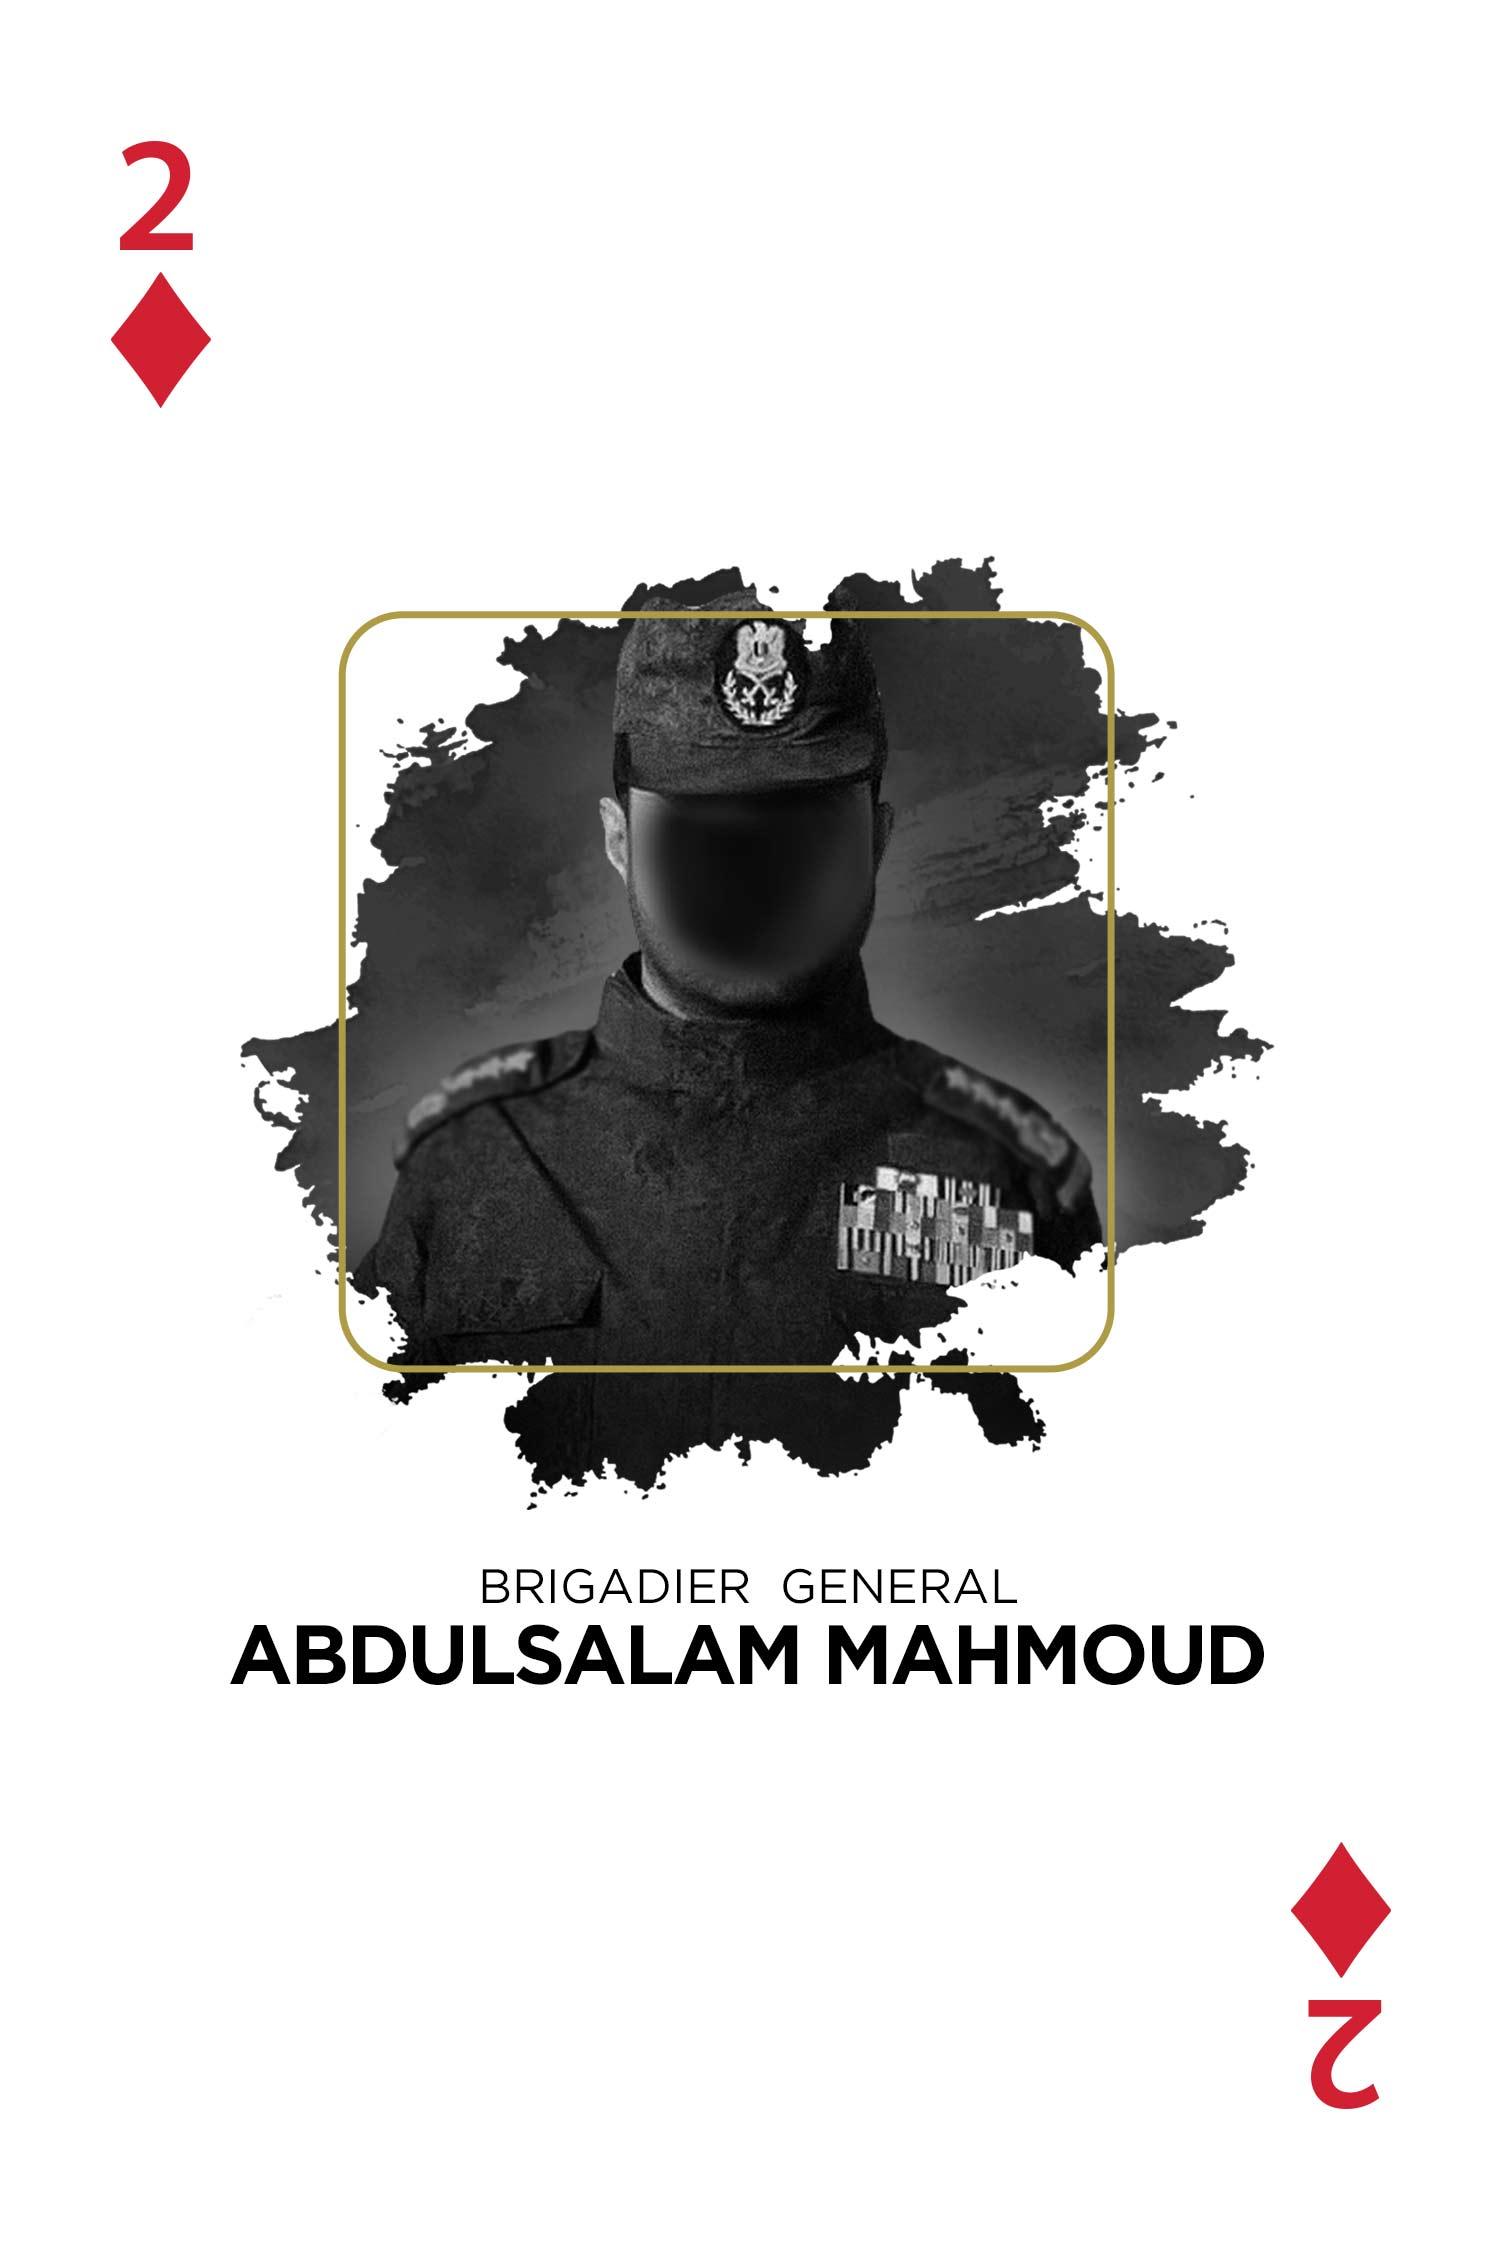 Pro Justice - Abdulsalam Fajer Mahmud